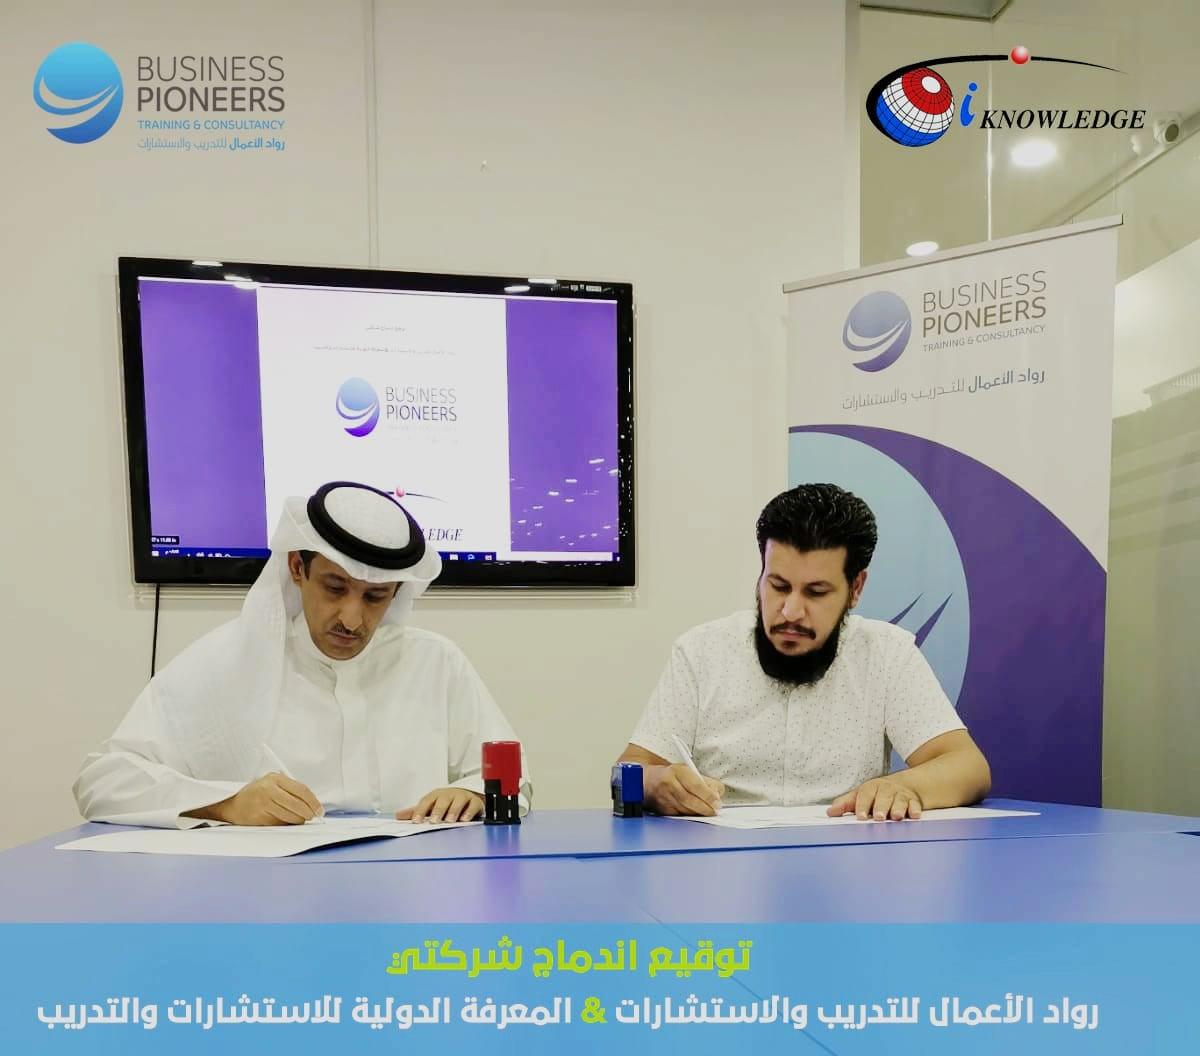 توقيع اندماج مؤسستي رواد الأعمال والمعرفة الدولية